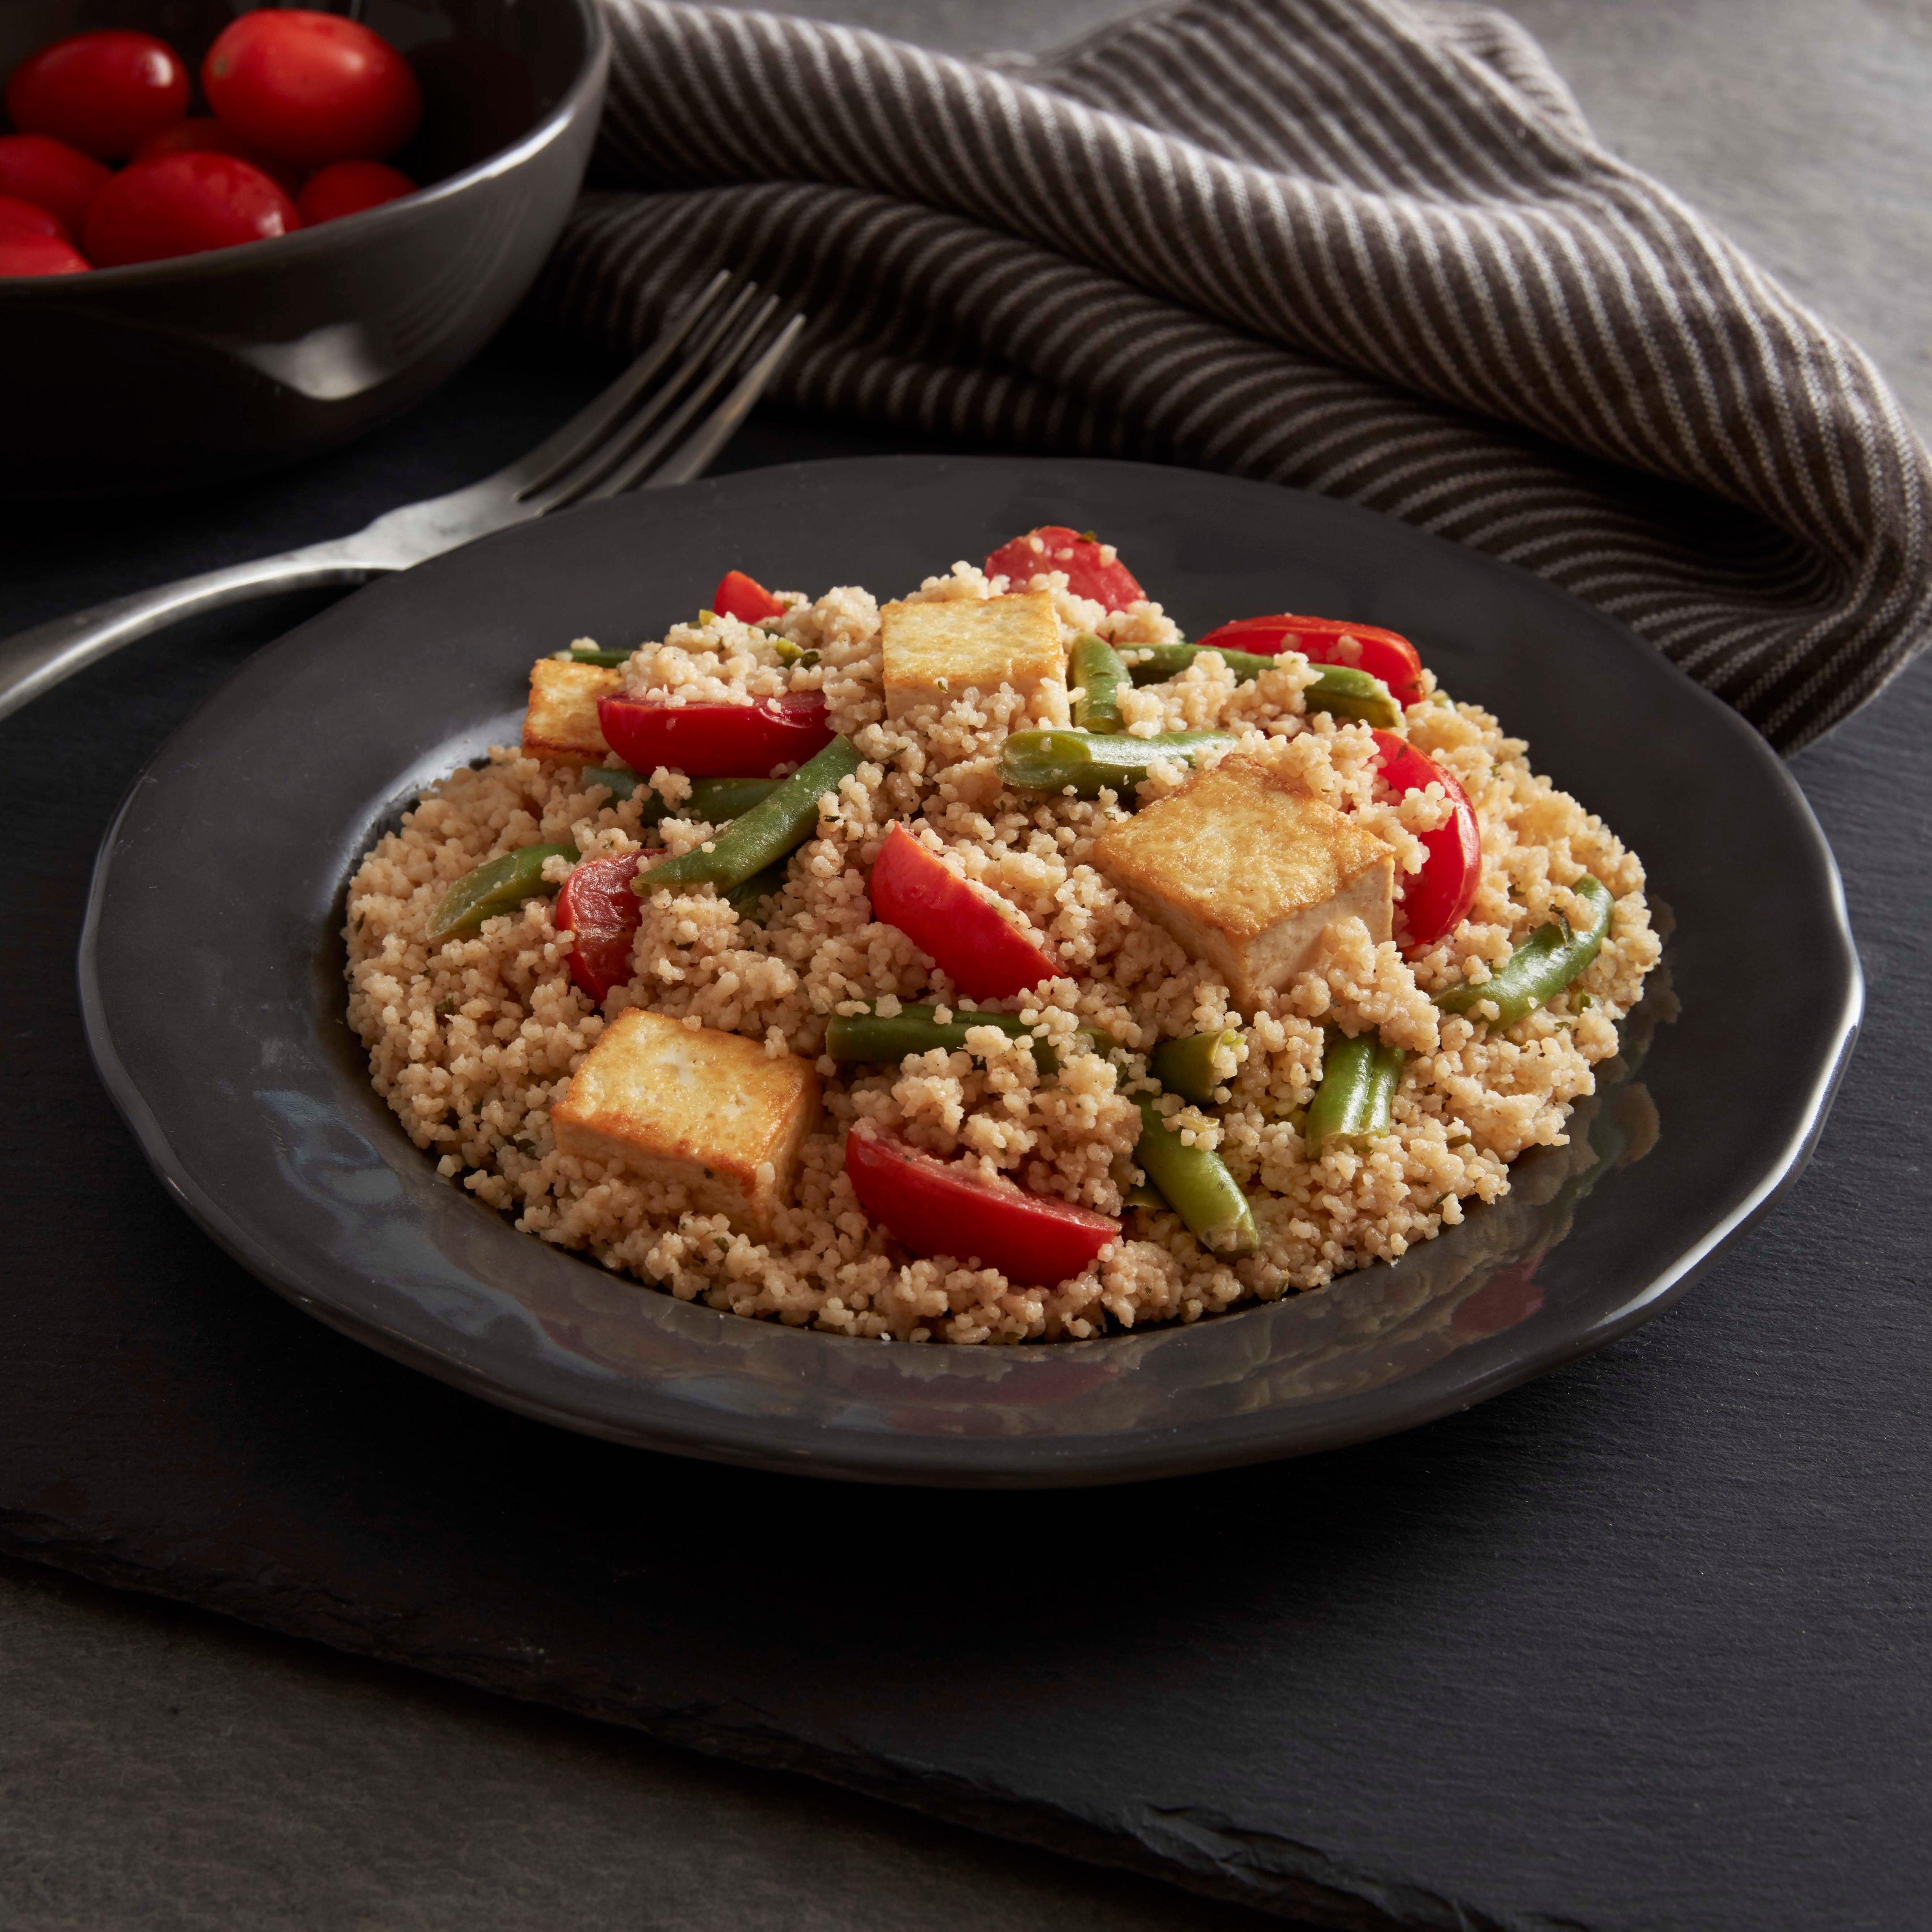 Tofu estilo camarones scampi con cuscús integral